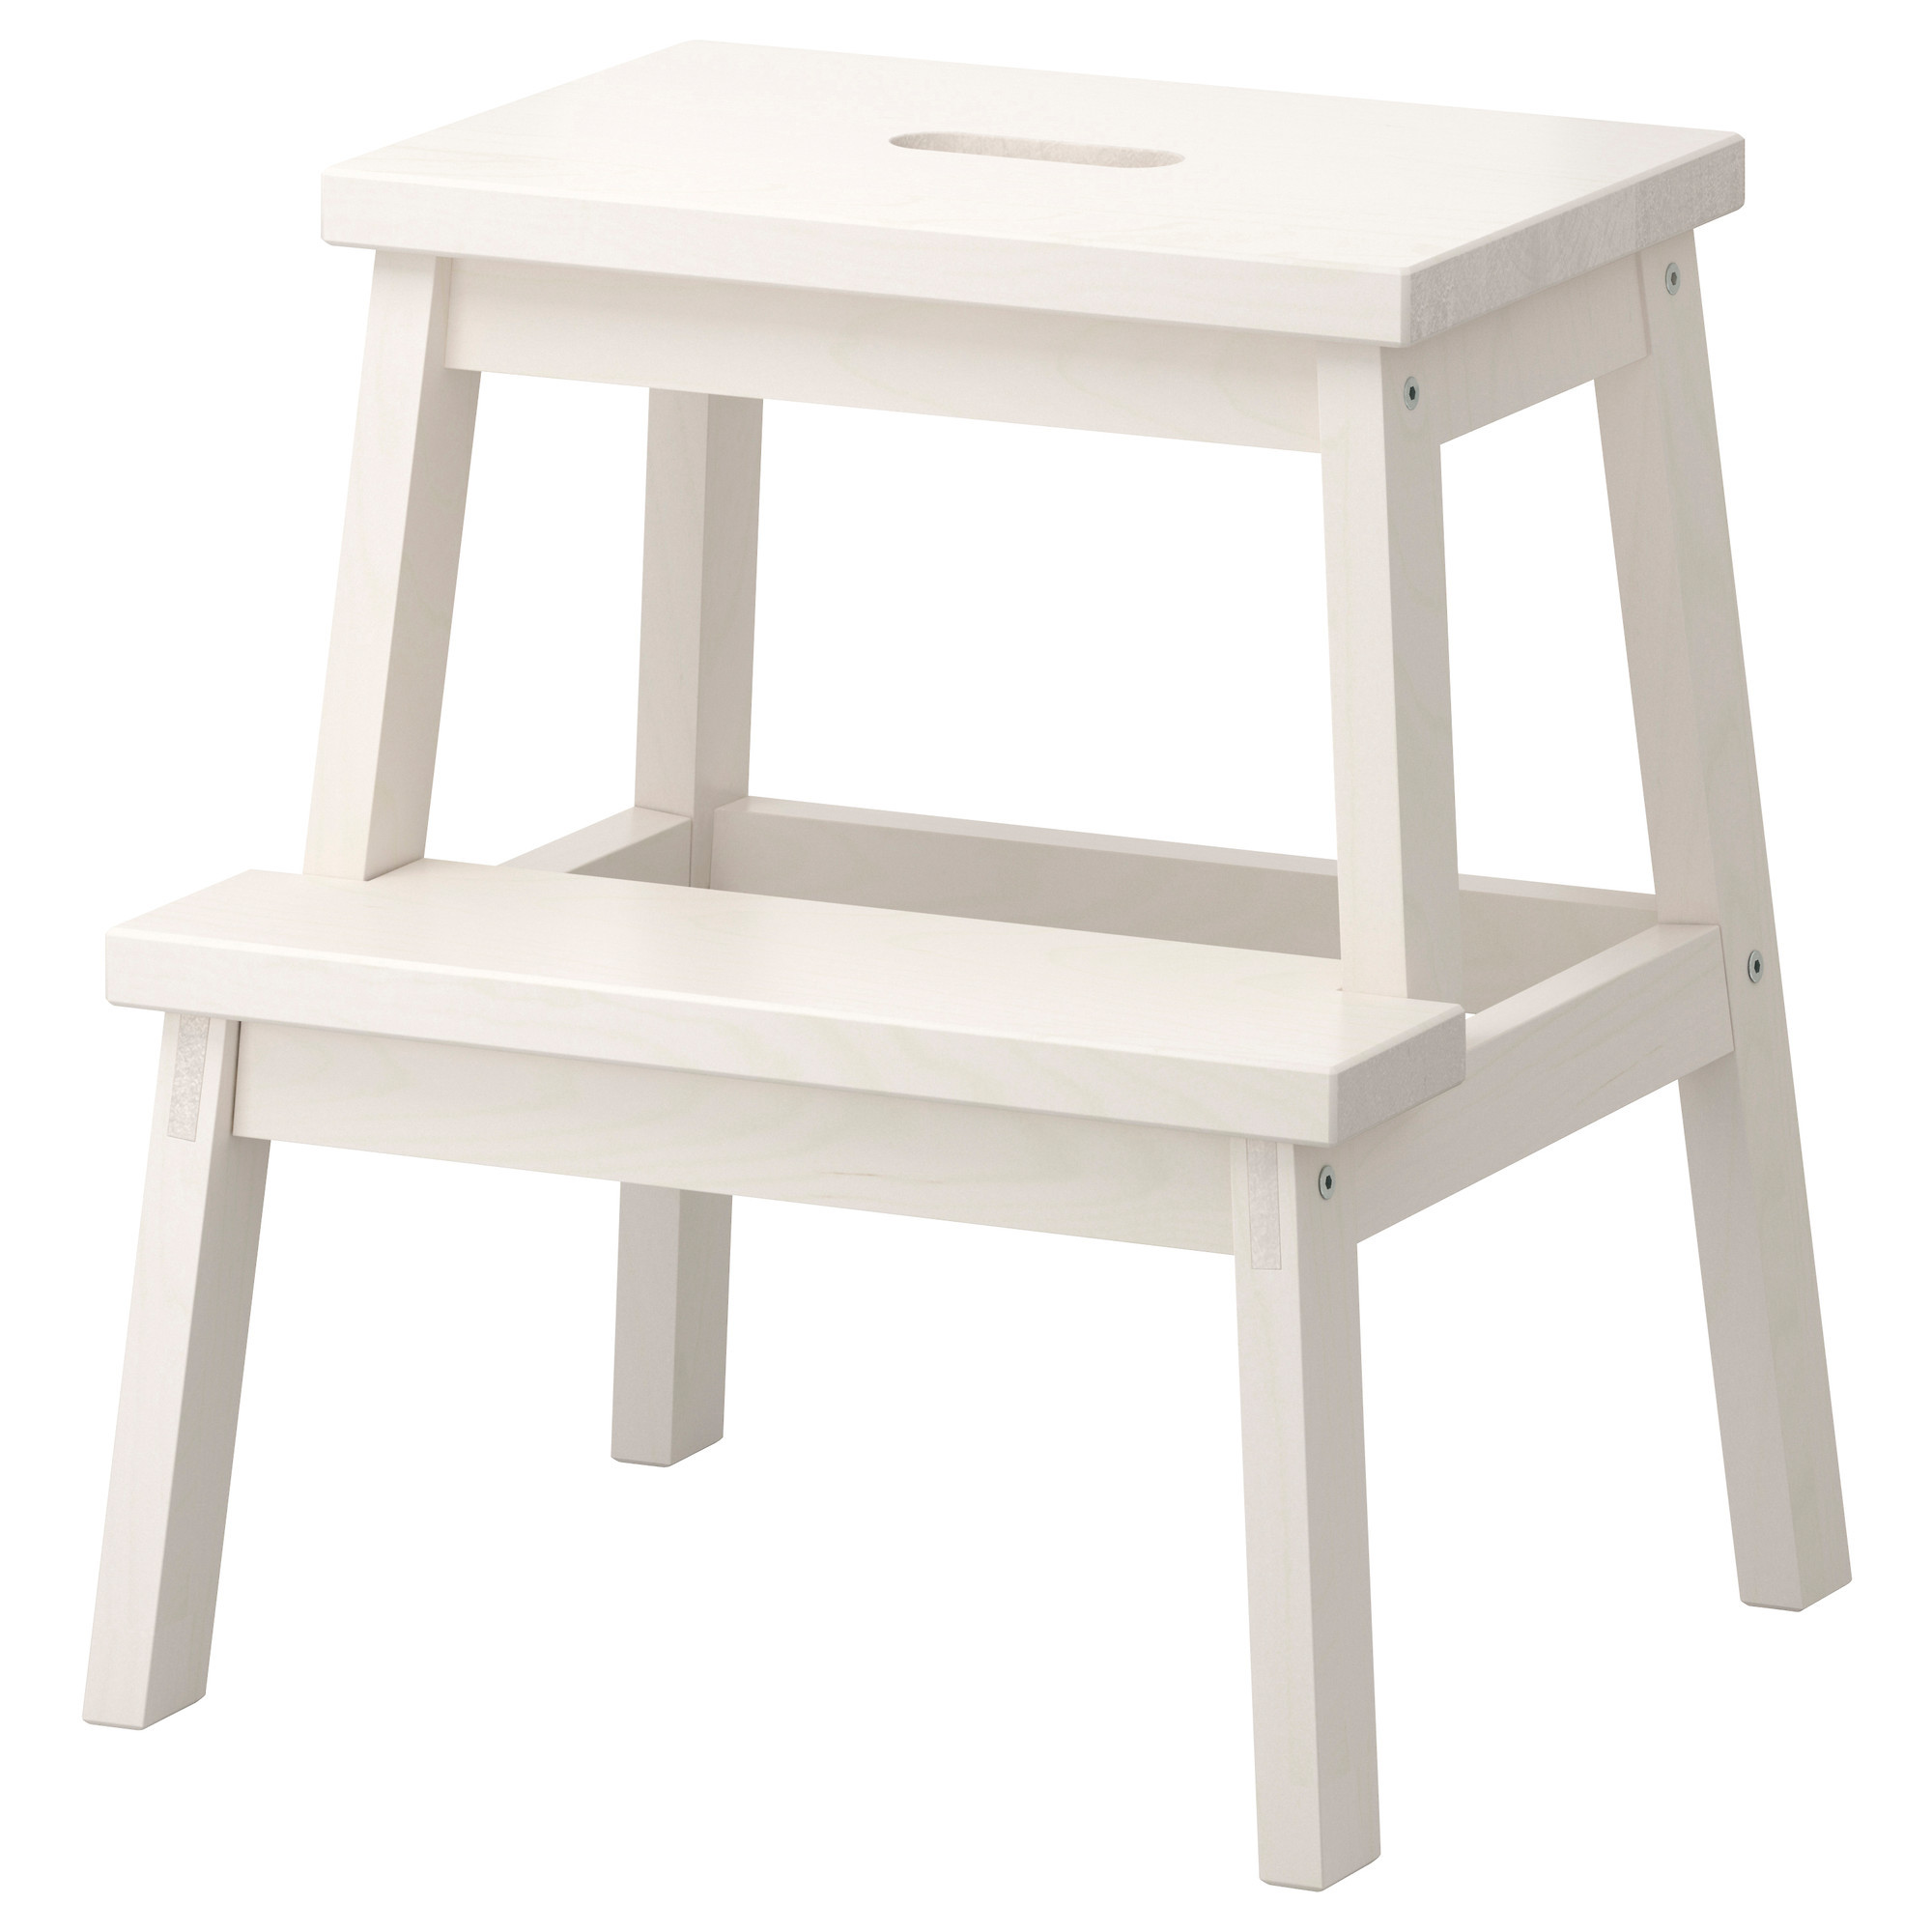 Эксклюзивный стульчик для дома